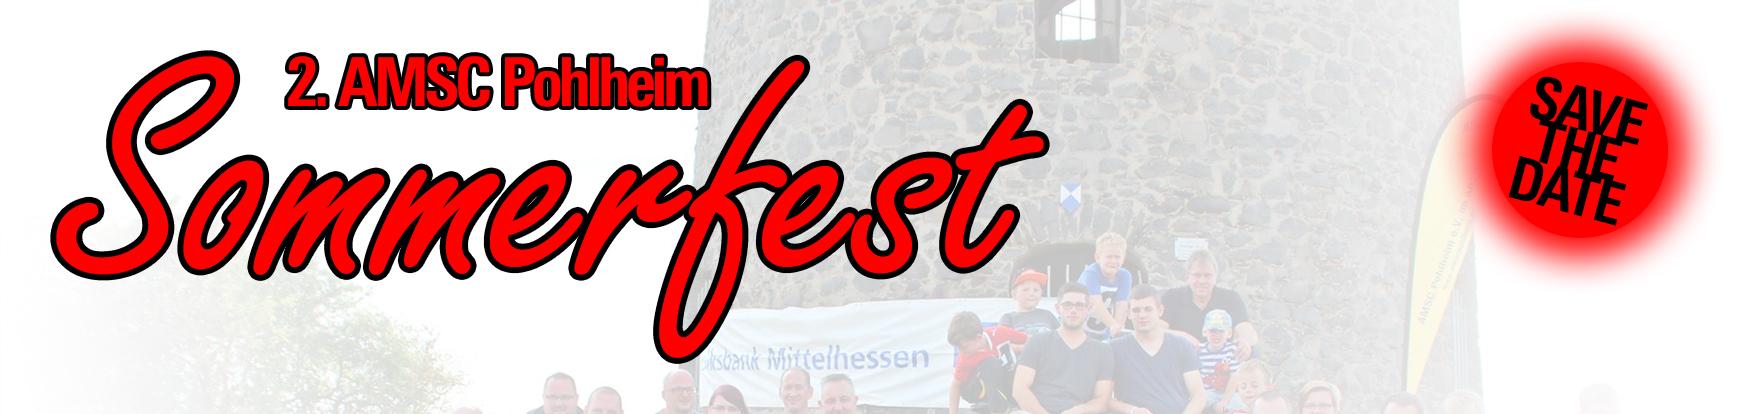 2. AMSC Pohlheim Sommerfest 2019